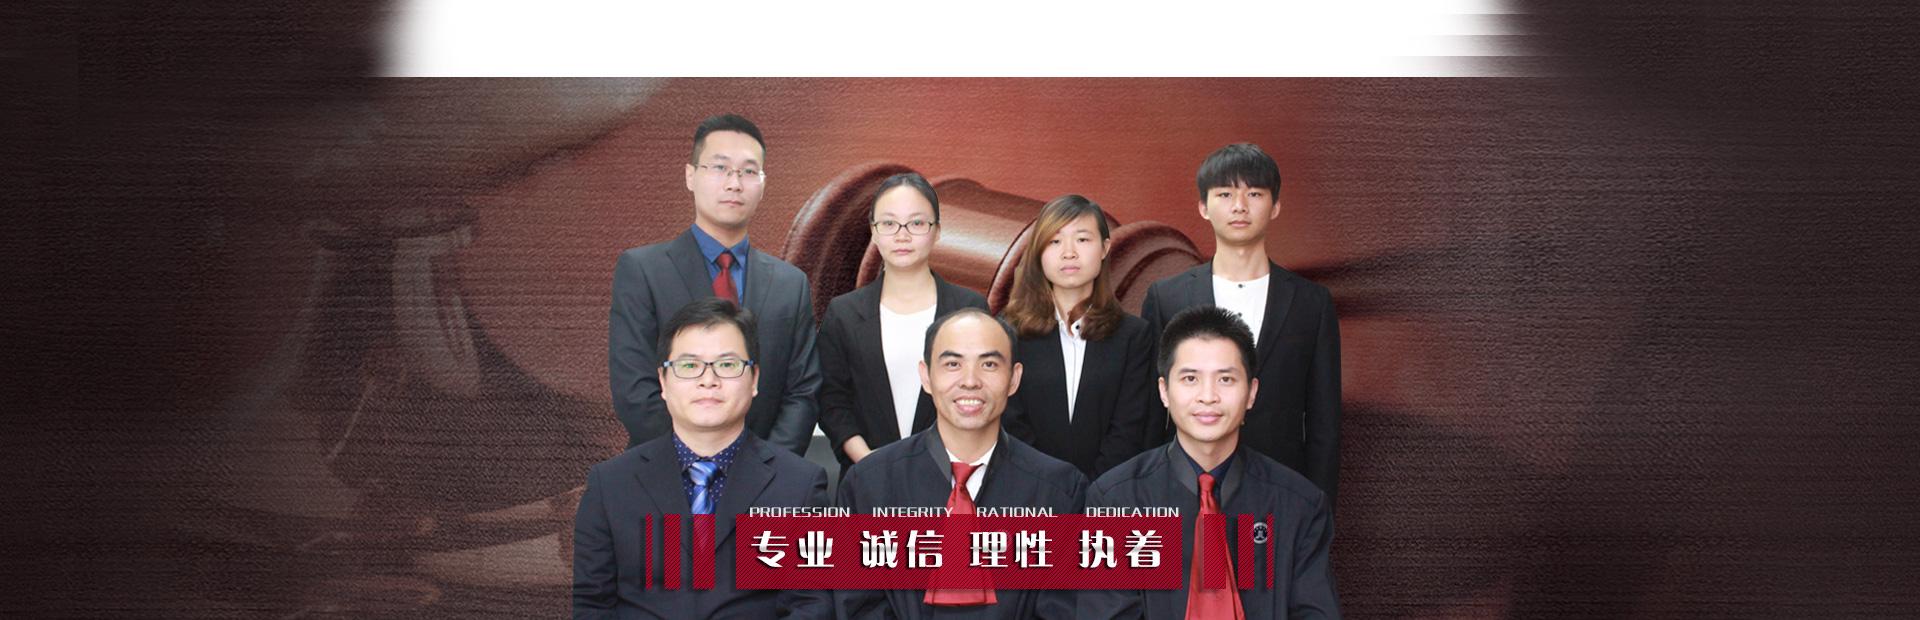 福建张全明律师1